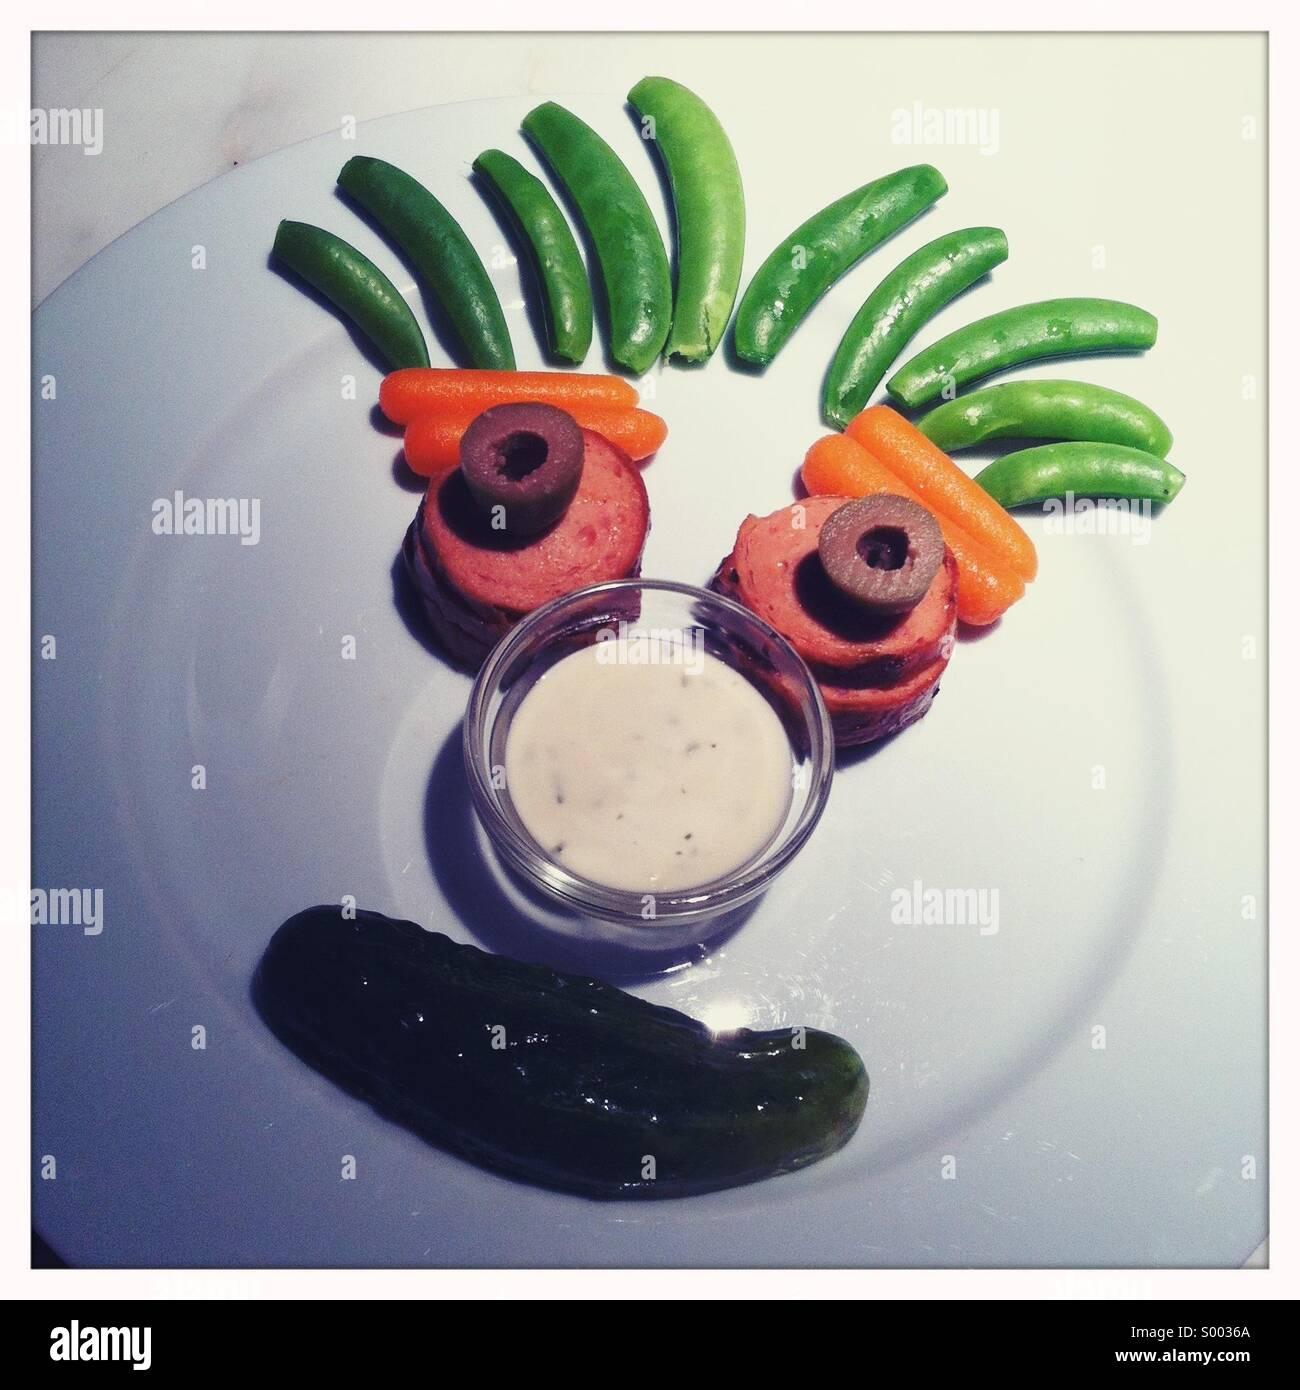 Un plato de comida del niño creado con una cara hecha a partir de los alimentos Imagen De Stock